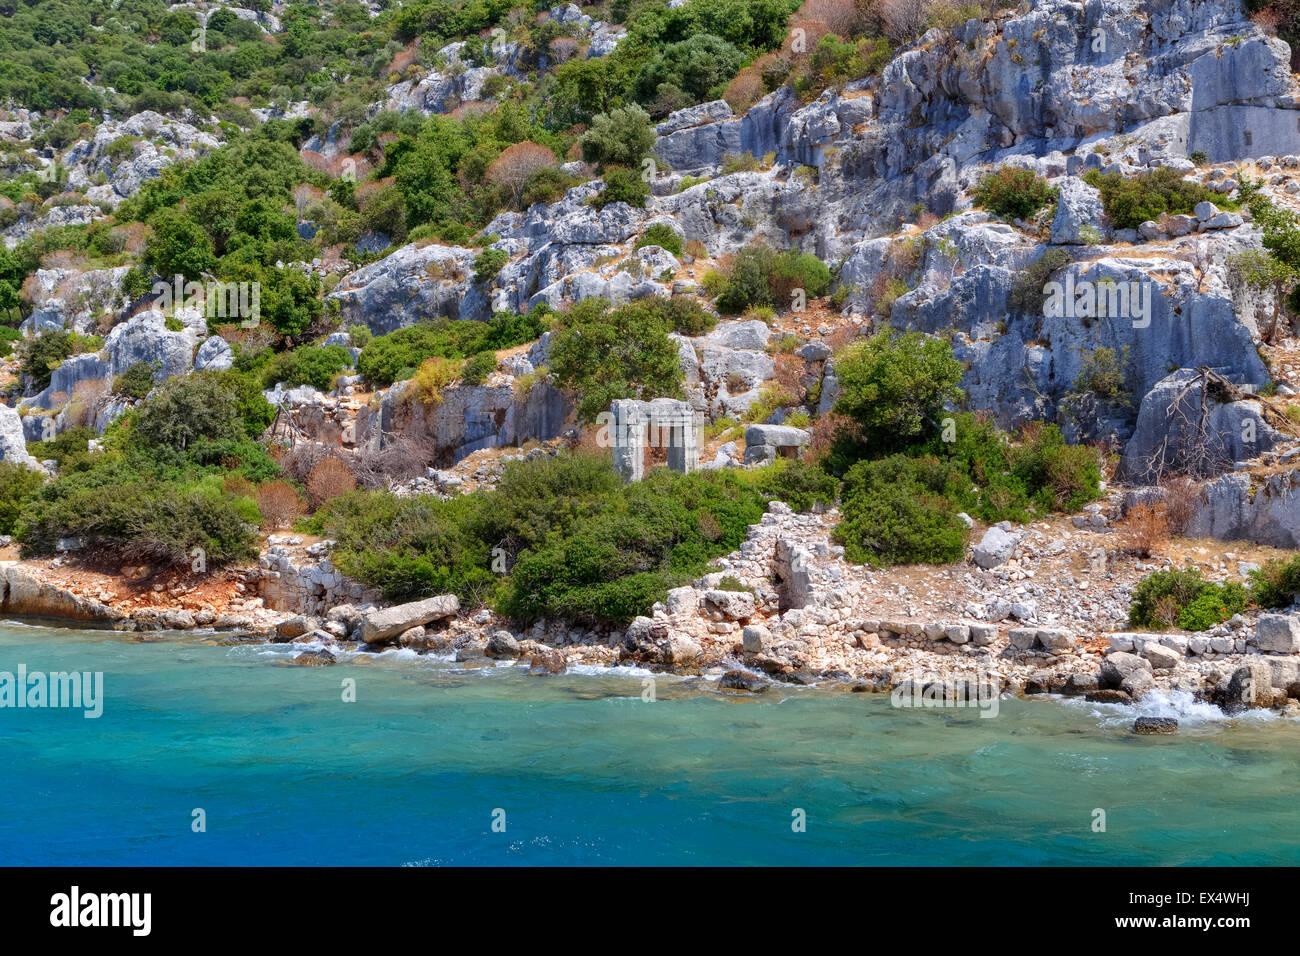 Kekova, sunken city, Antalya, Turkey - Stock Image